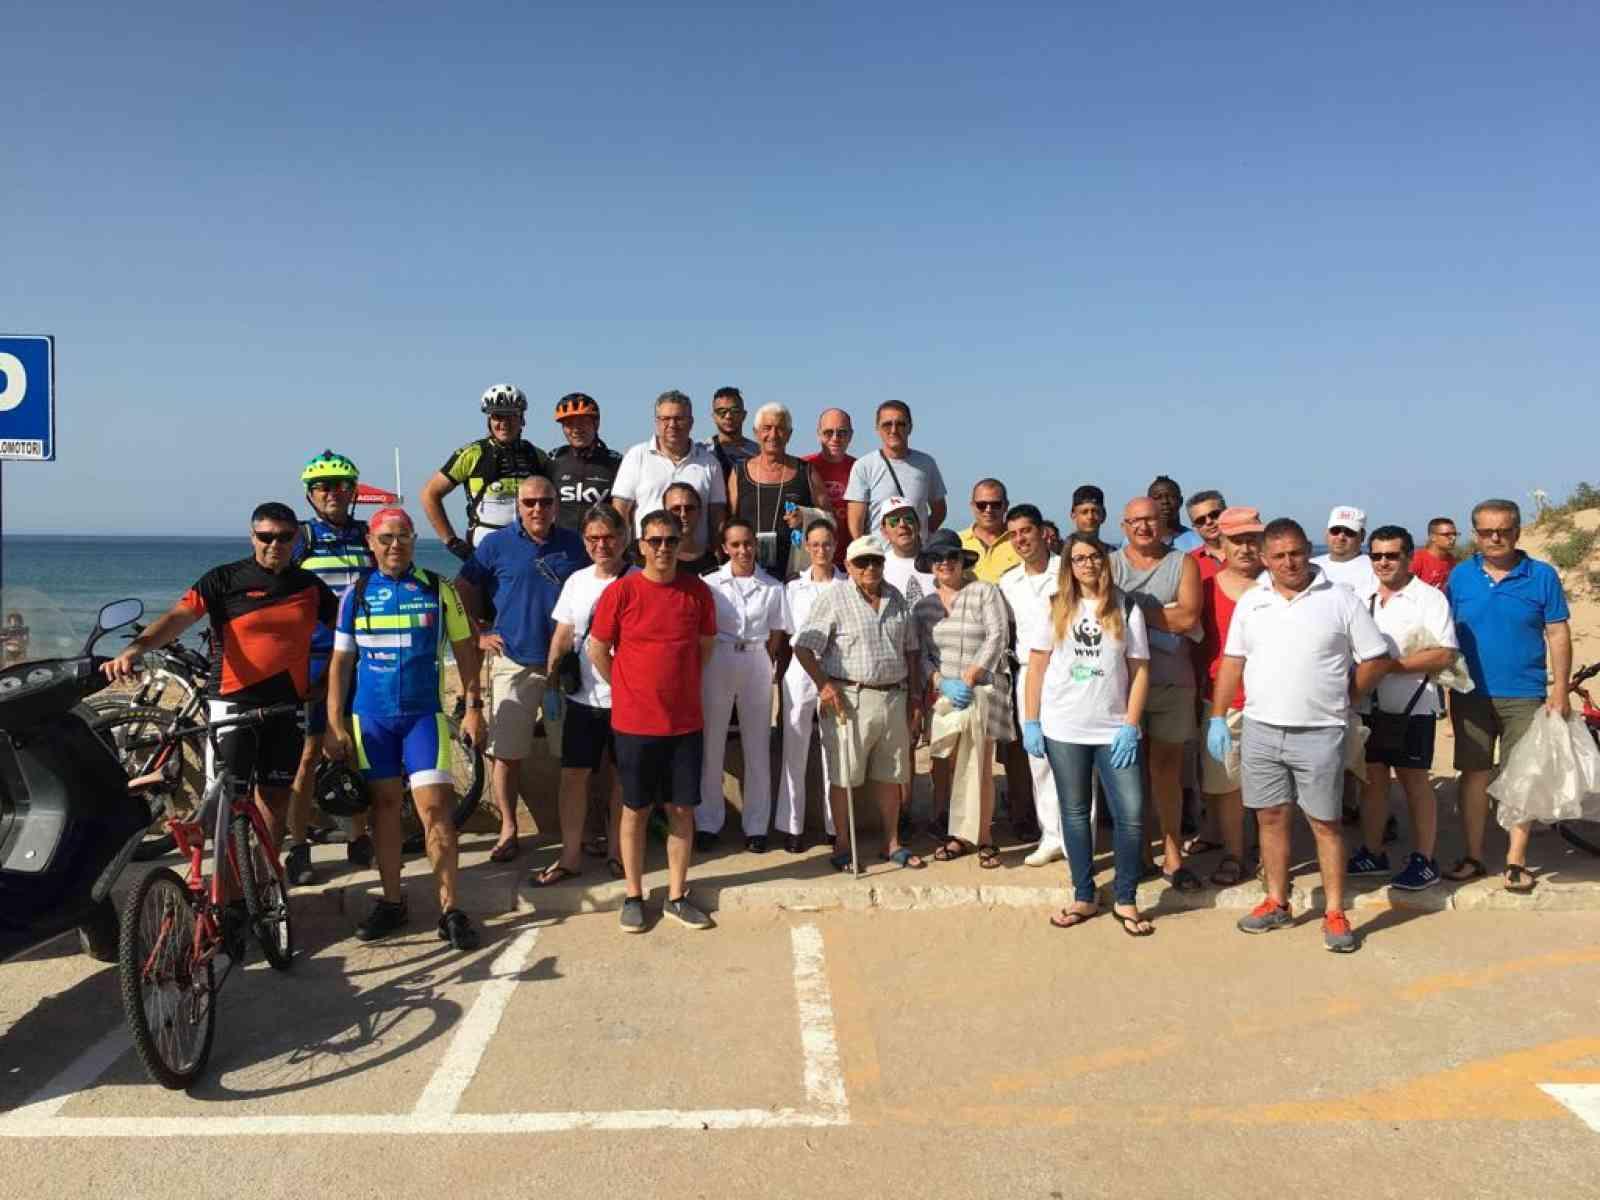 Immagine articolo: Menfi, successo per la seconda Giornata ecologica a Lido Fiori. Oltre trenta sacchi di plastica e vetro rimossi da Comune e tanti volontari